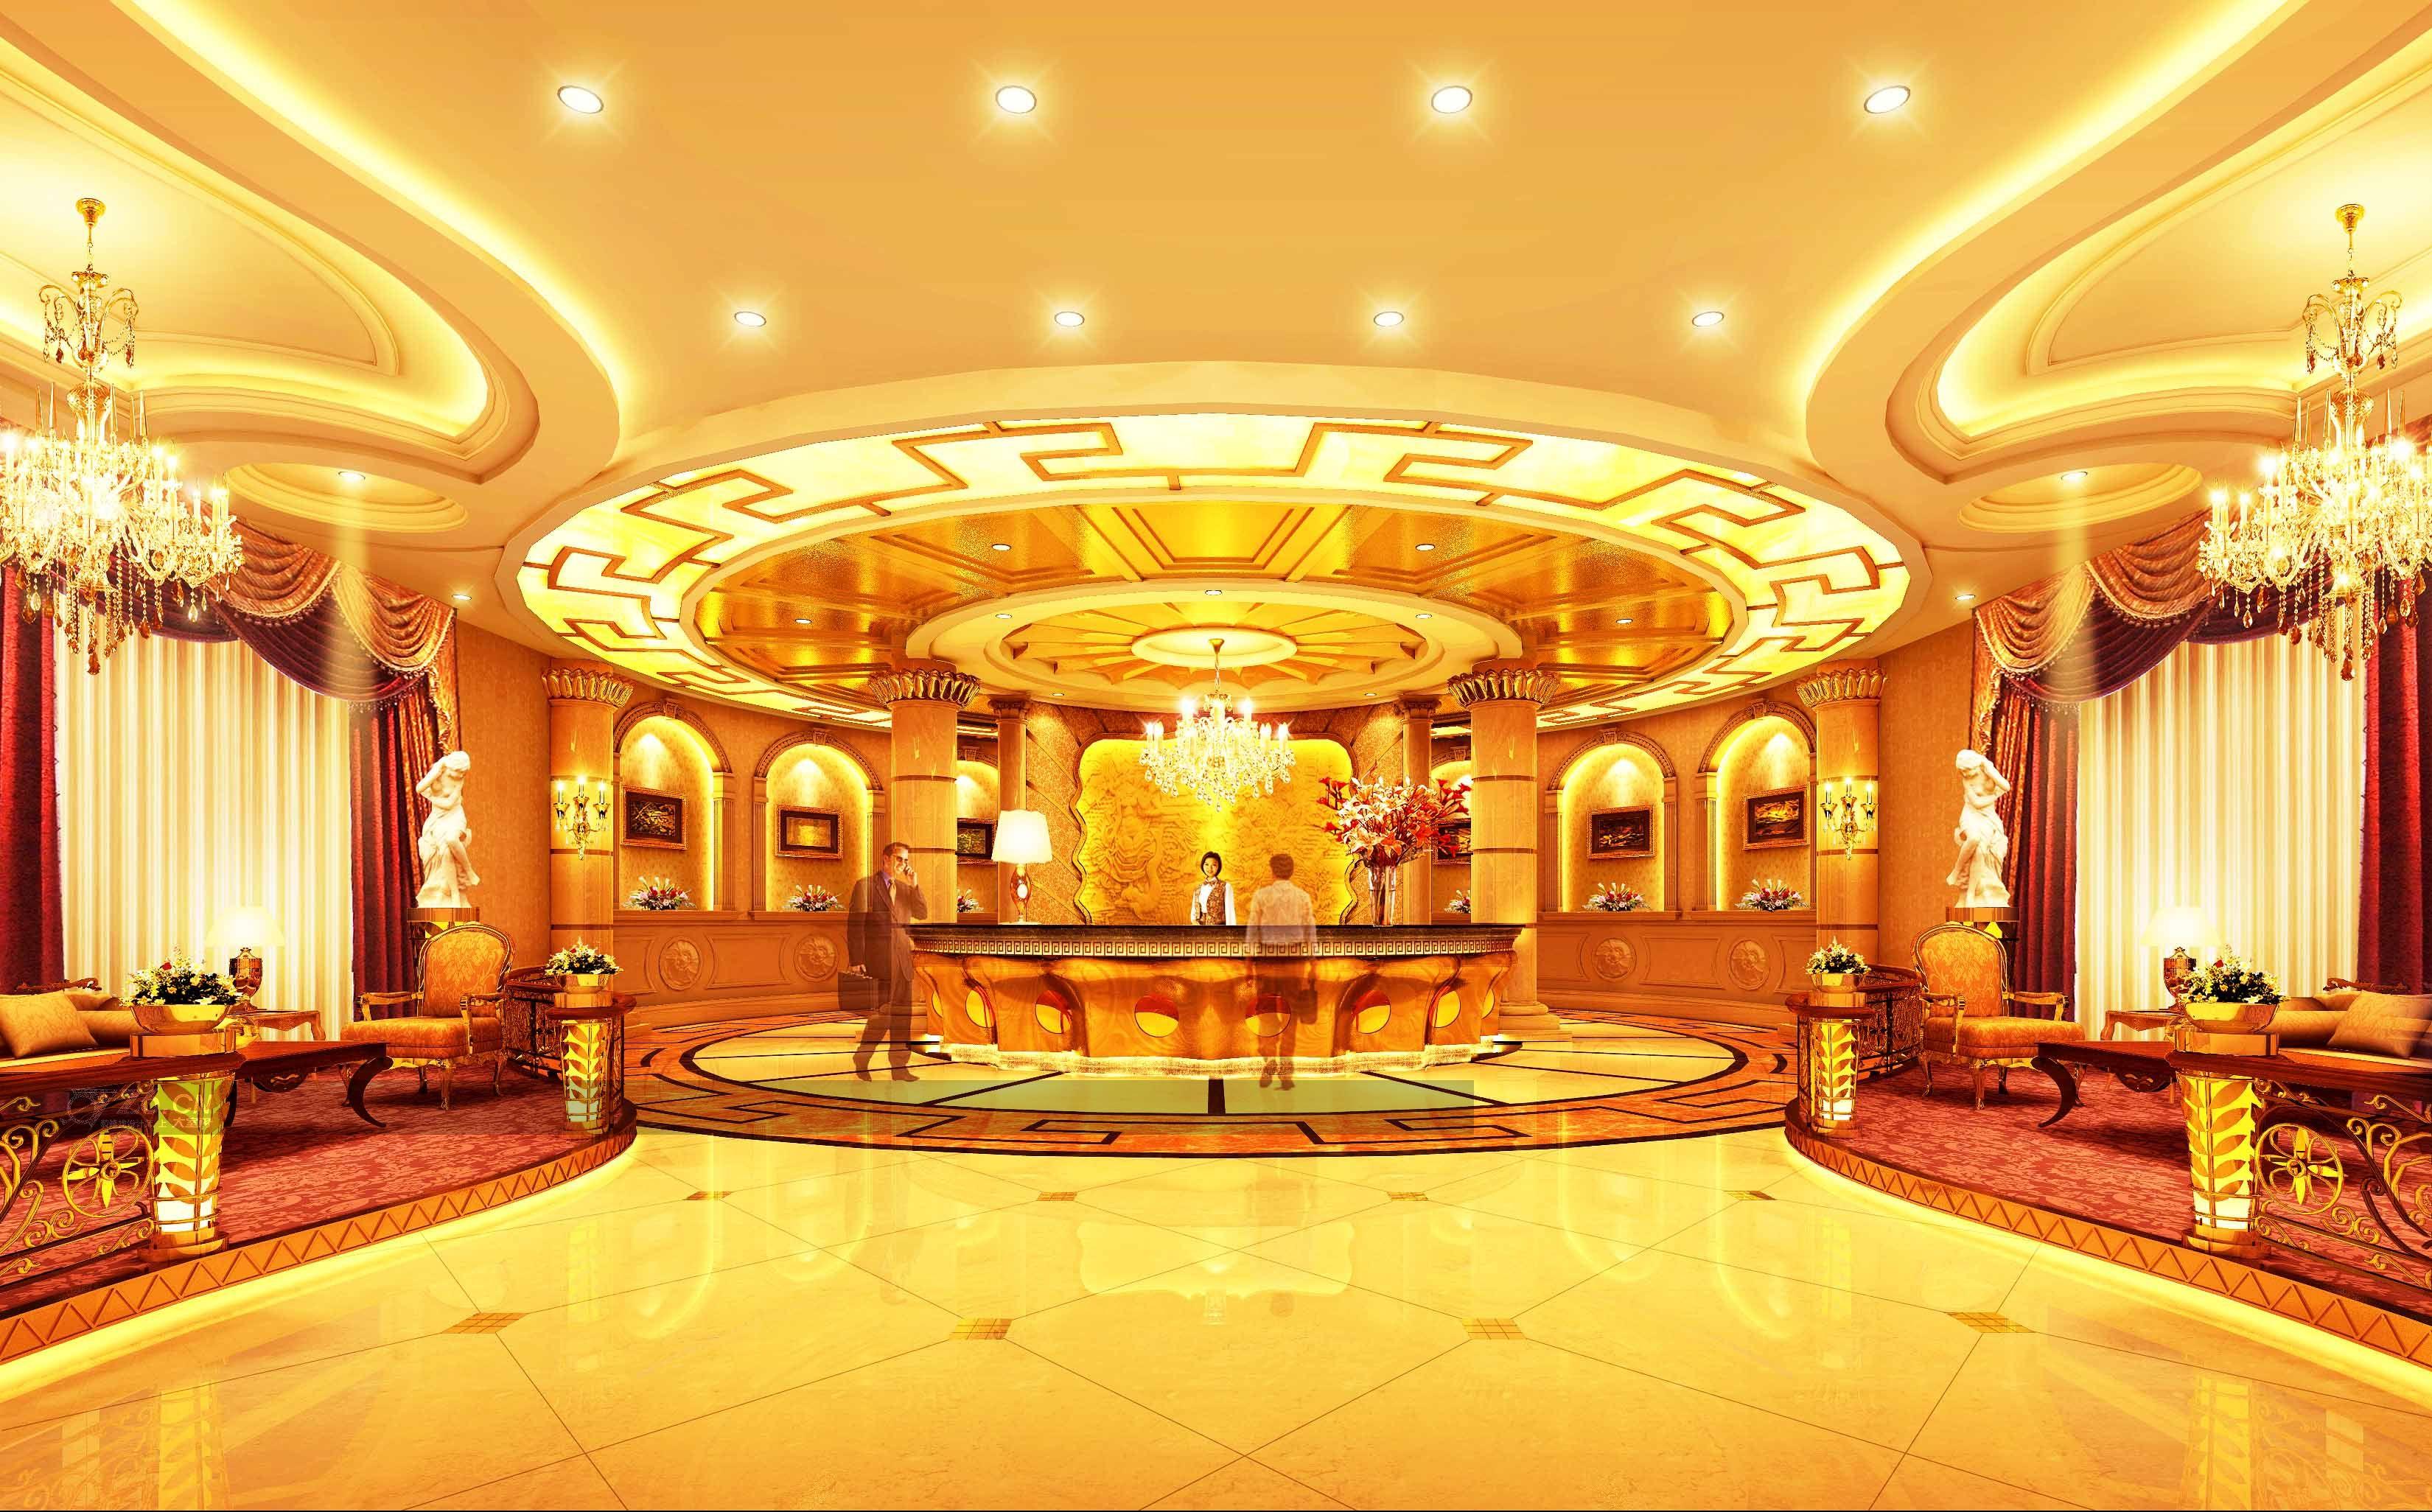 成都和鑫酒店管理有限公司100%股权